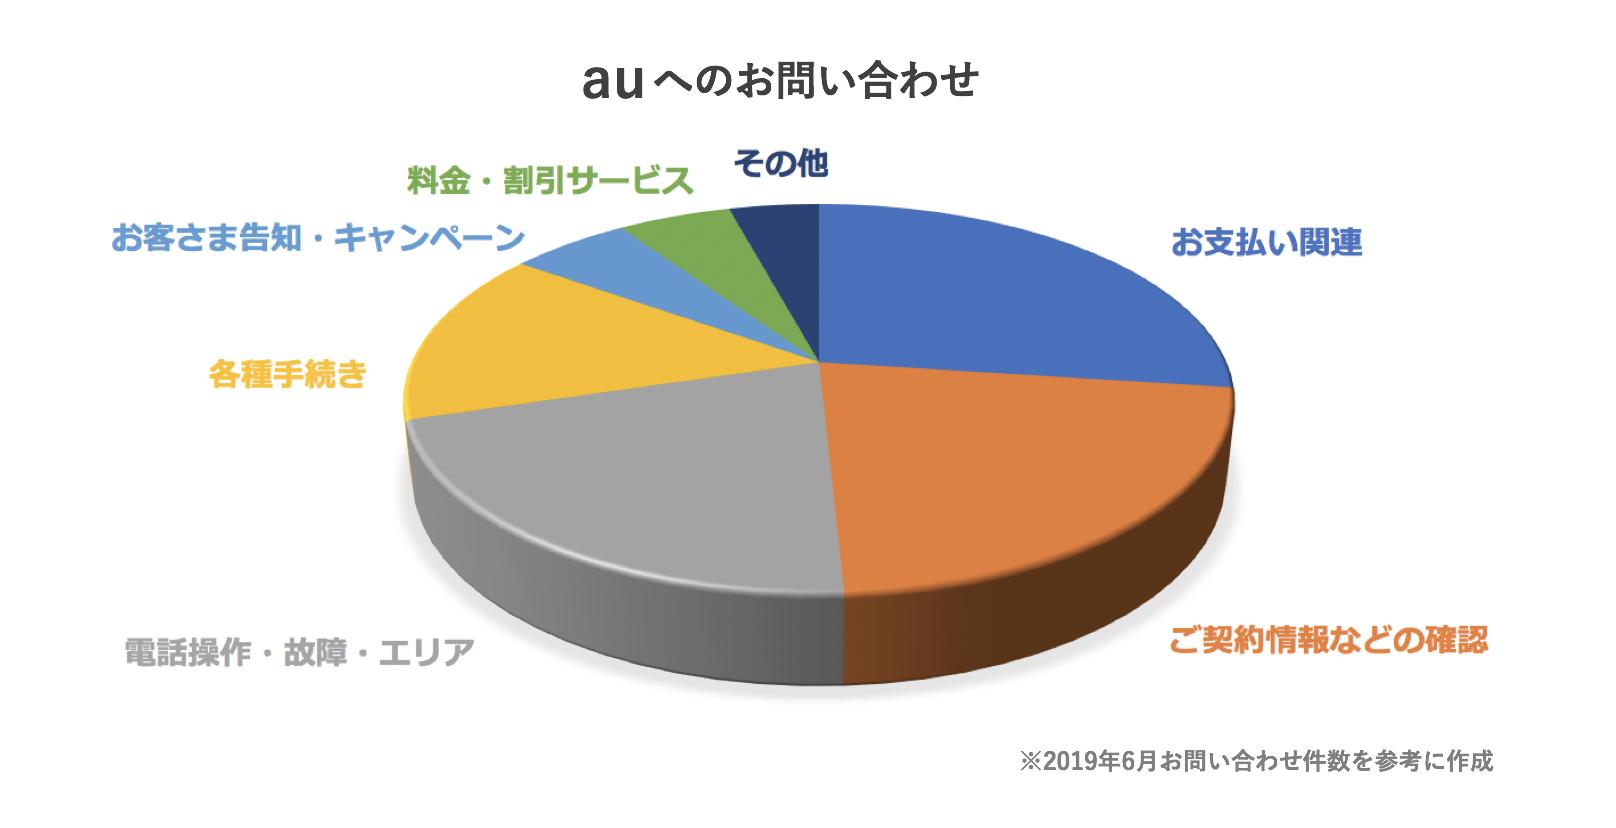 auに寄せられたお問い合わせをカテゴリー別に示したグラフ